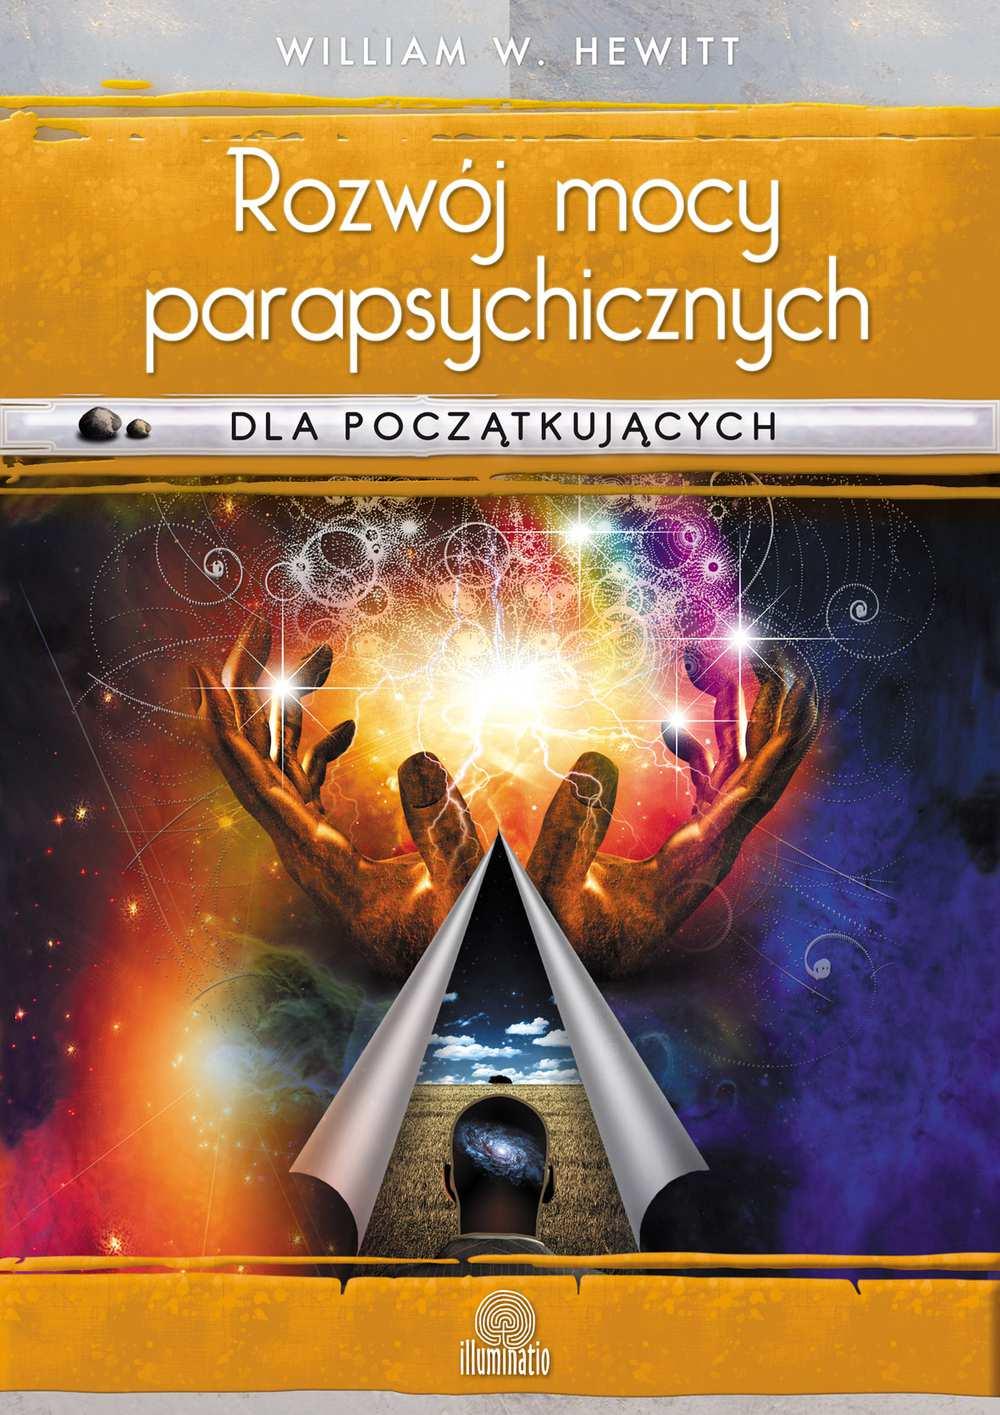 Rozwój mocy parapsychicznych dla początkujących. Prosty przewodnik po sposobach rozwijania i wyzwalania umiejętności mentalnych - Ebook (Książka EPUB) do pobrania w formacie EPUB